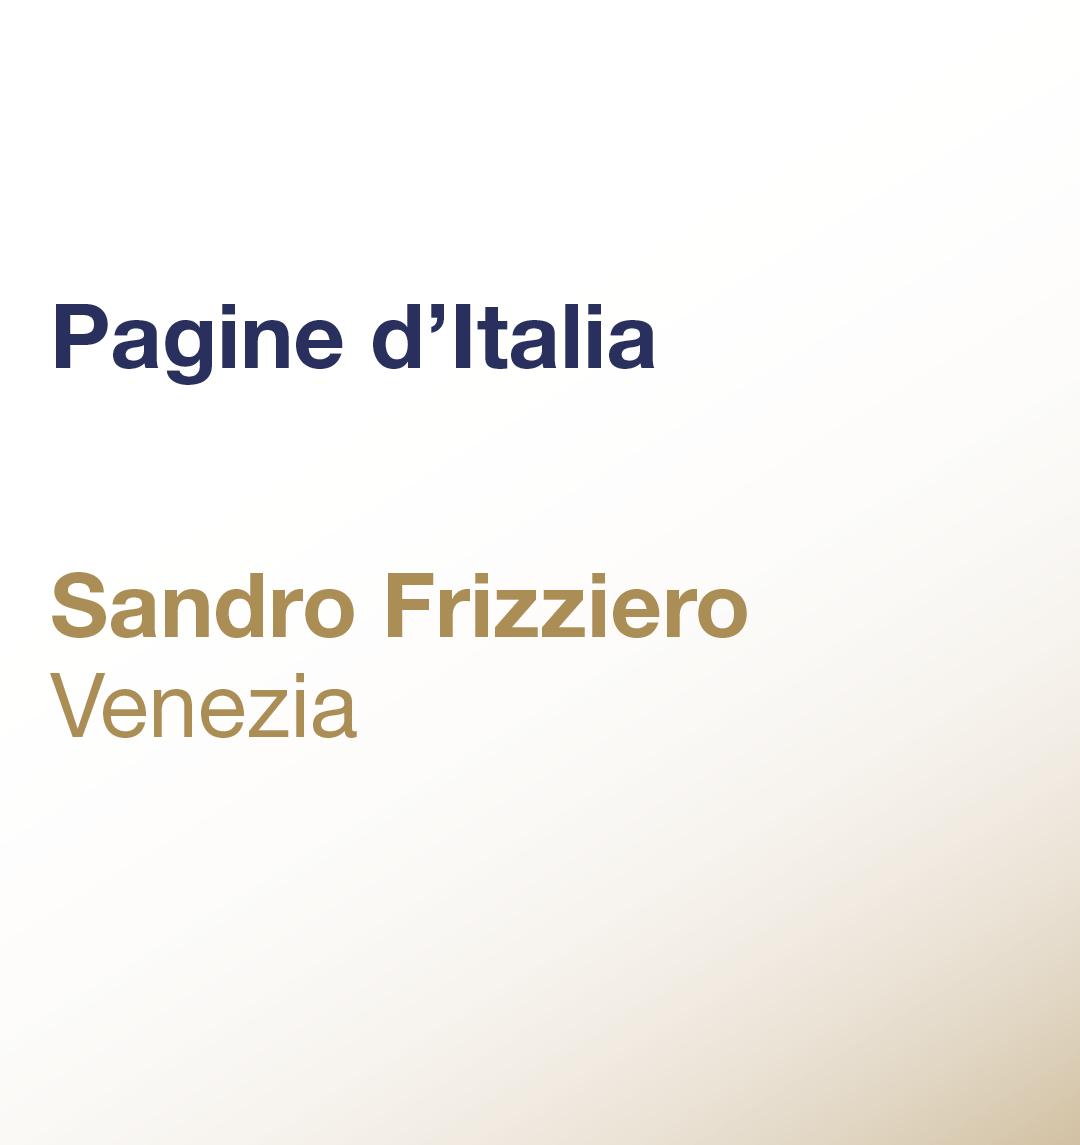 Pagine d'Italia – Sandro Frizziero – Laguna di Venezia